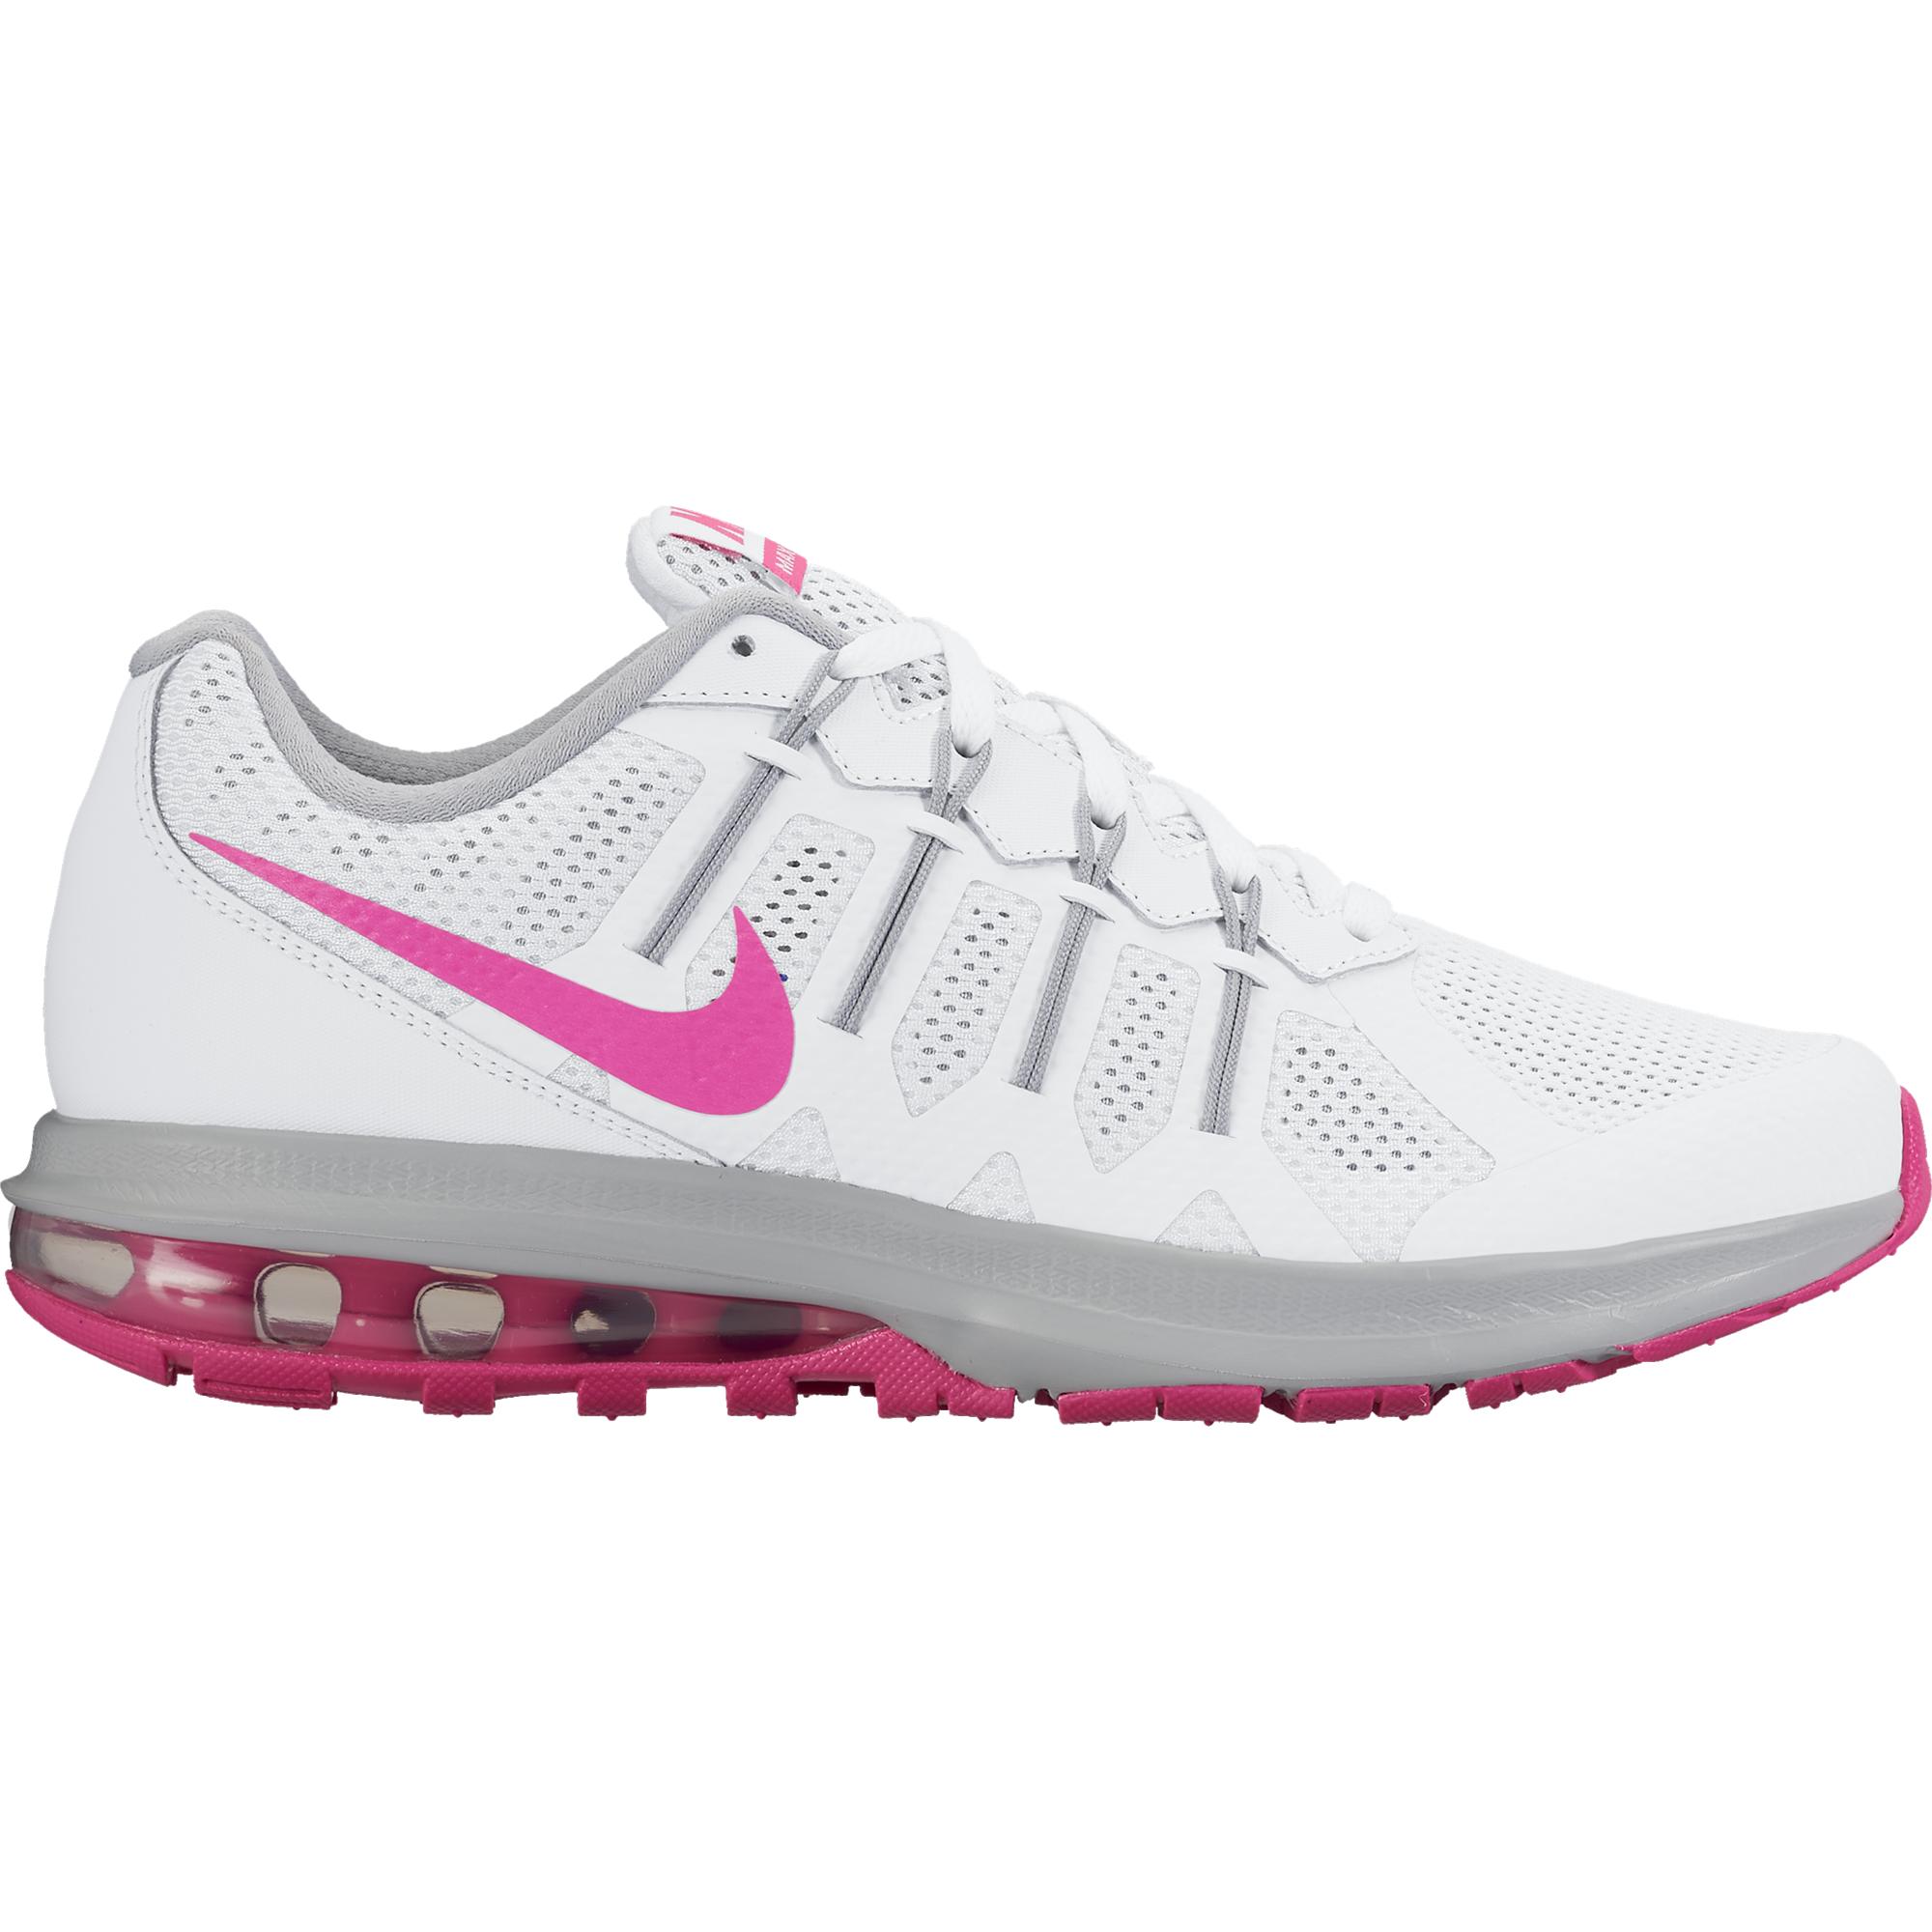 5a09e5480a08 Nike Wmns Nike Air Max Dynasty 816748-102 Női Futó Cipő | Futó cipő